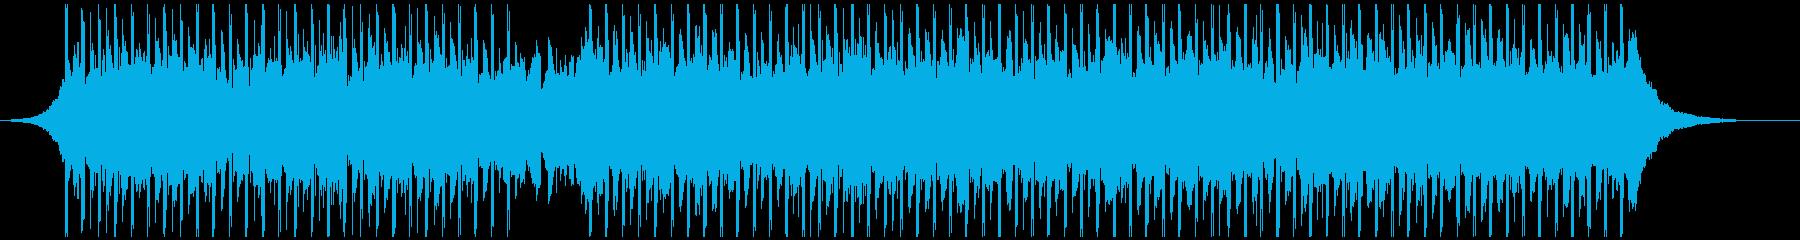 コーポレートスタートアップ(60秒)の再生済みの波形